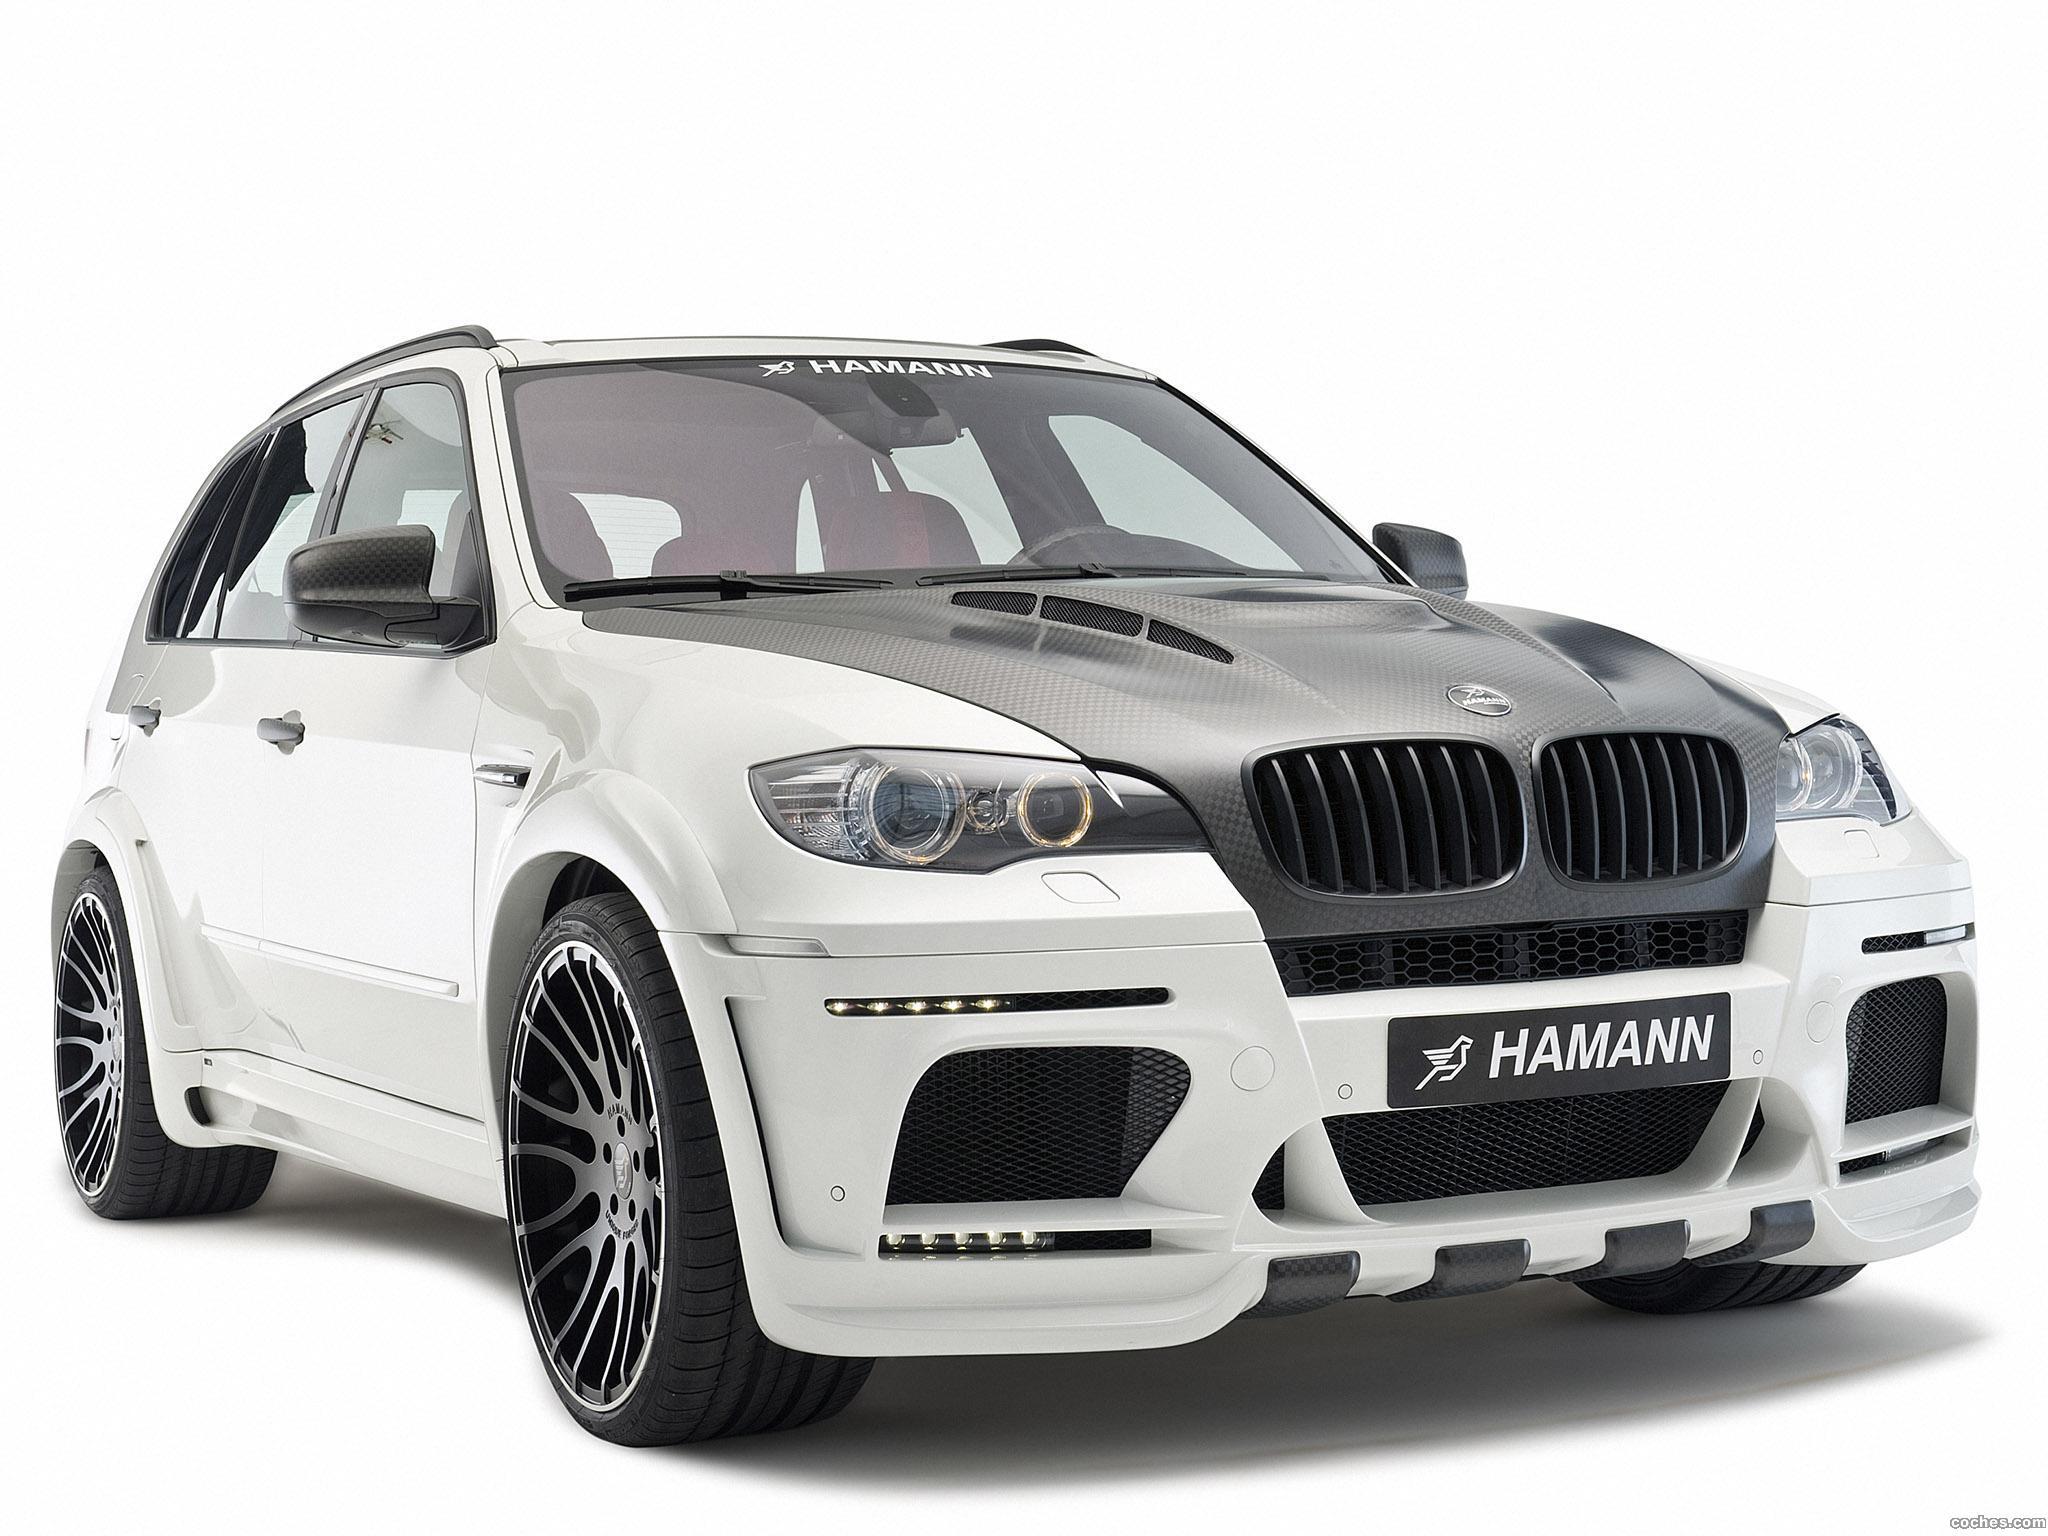 Foto 0 de BMW hamann X5 Flash Evo M E70 2010